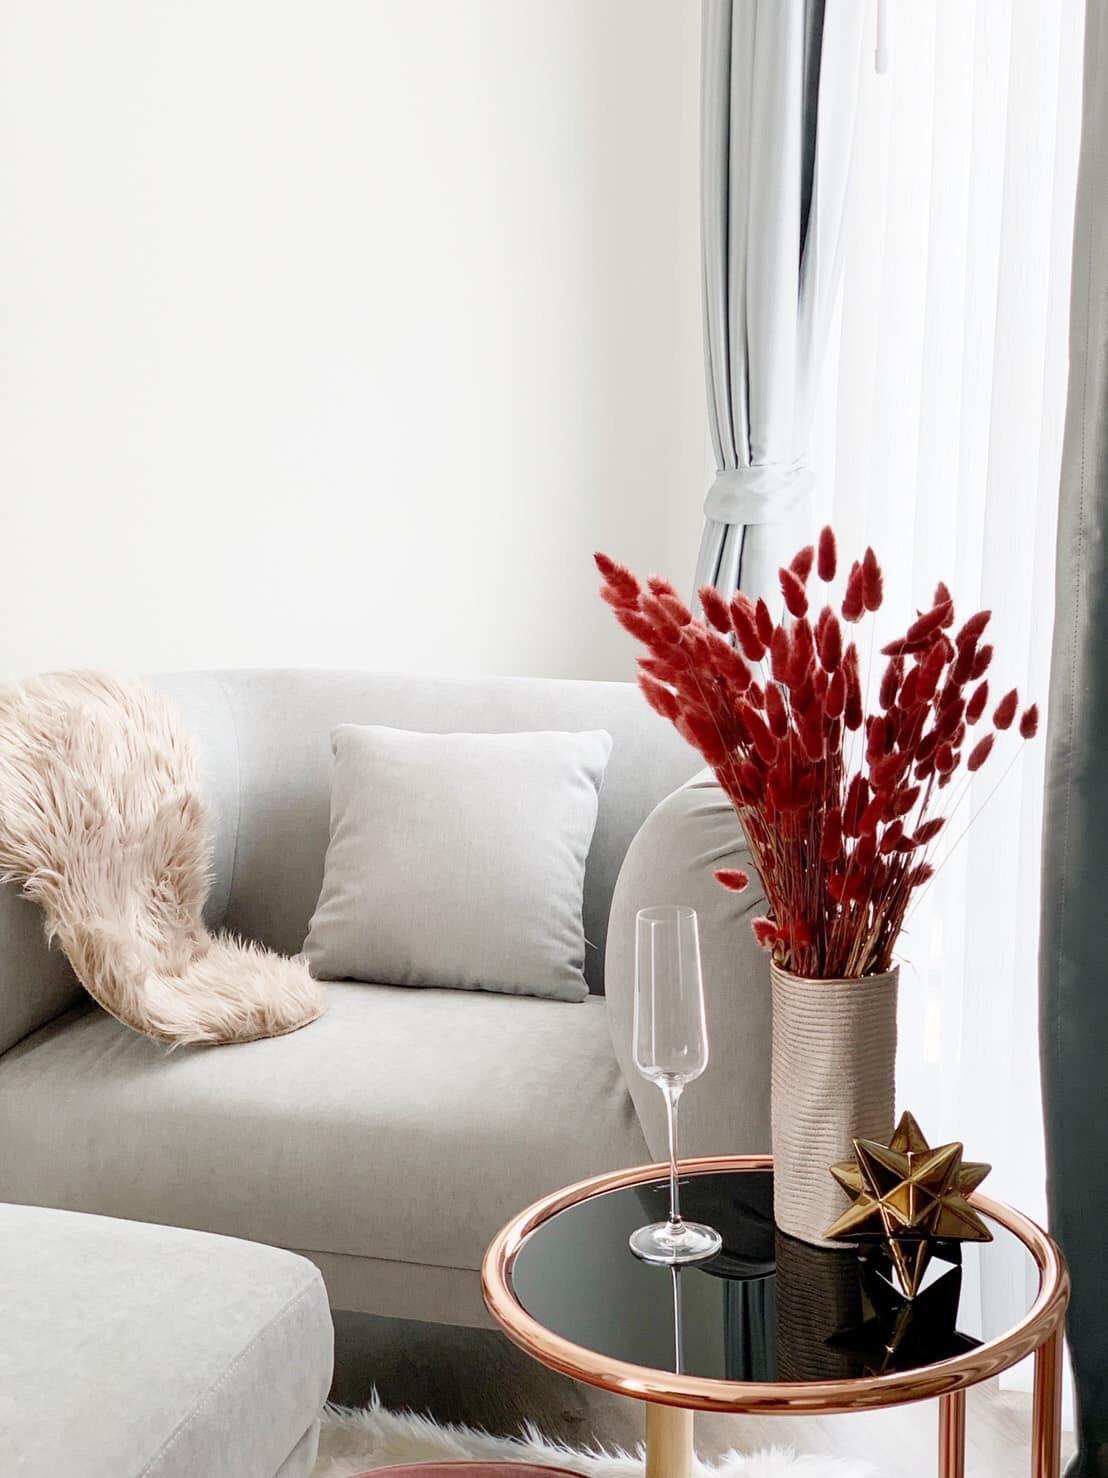 Dry Flower Arrangement For Living Room Decor Dried Flower Arrangements Living Room Decor Room Decor